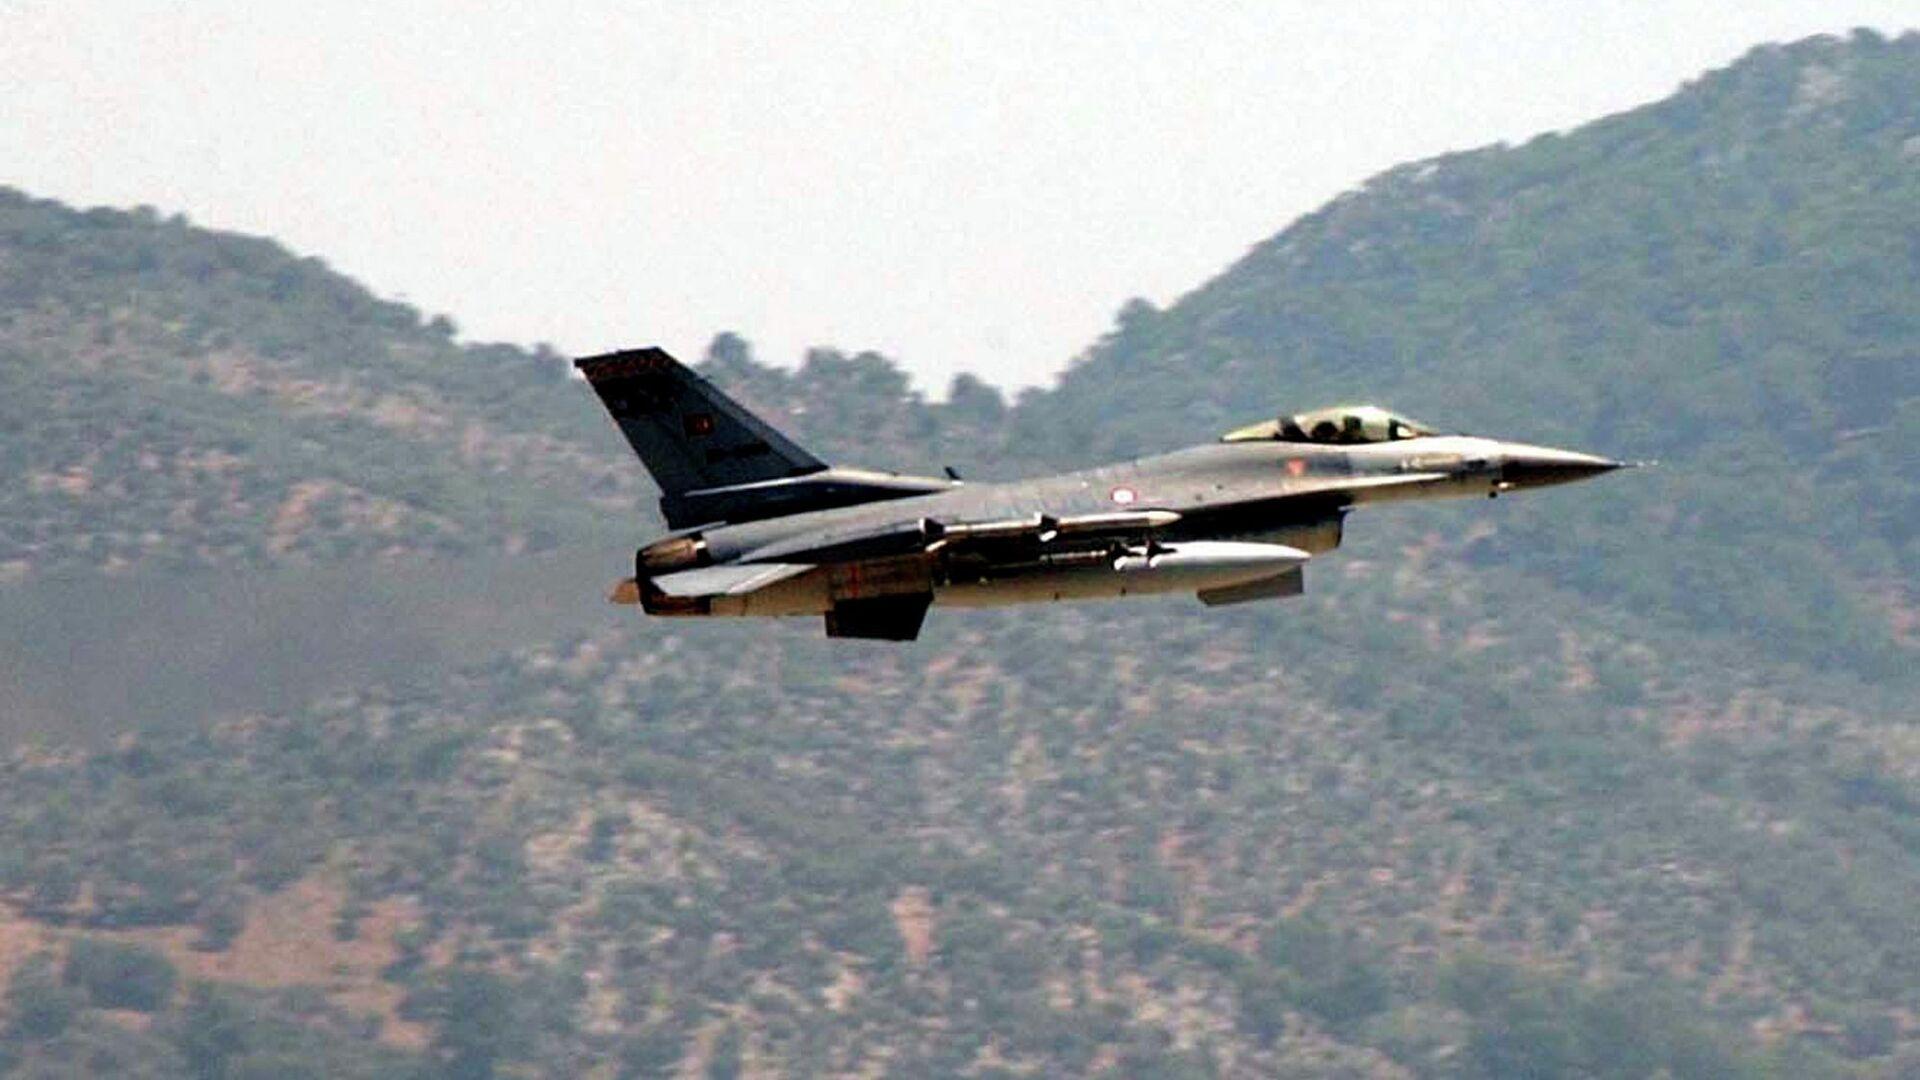 Самолет F-16 ВВС Турции - РИА Новости, 1920, 29.09.2020